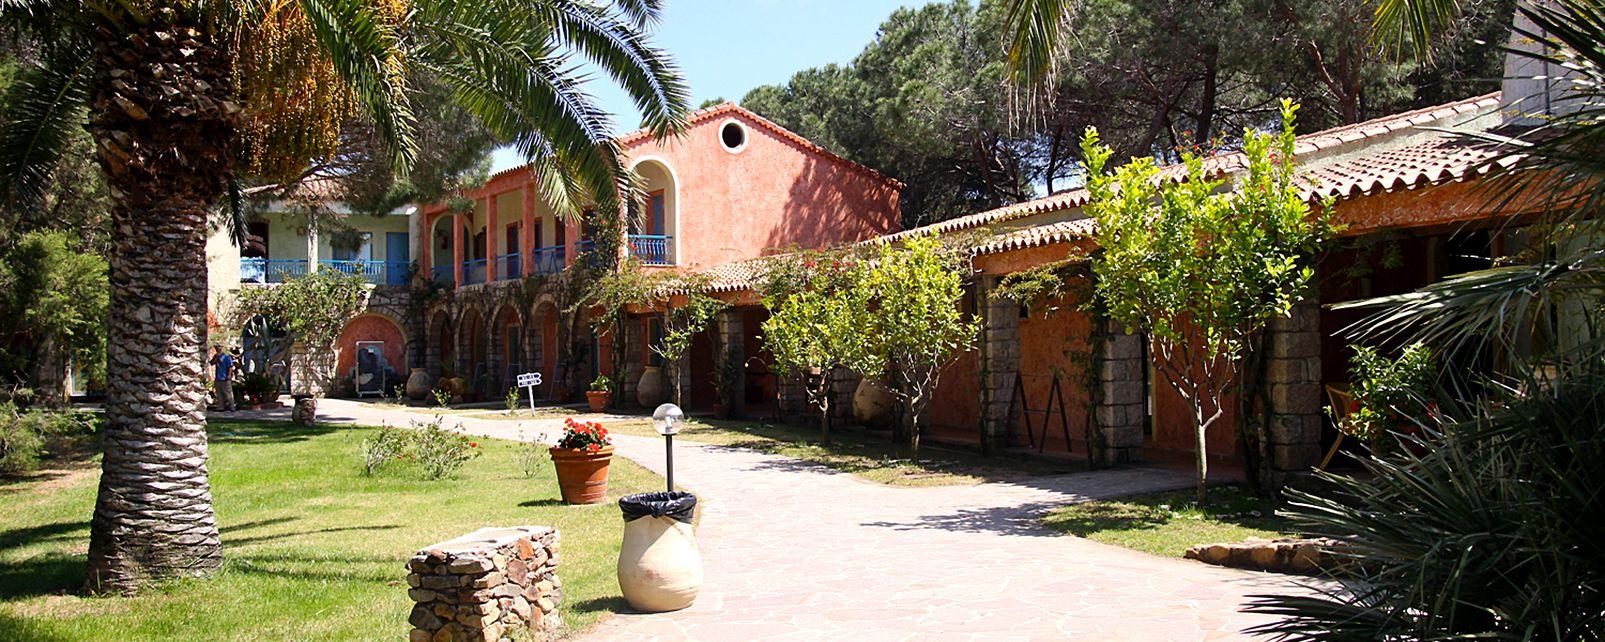 Hotel Eden Village Colostrai